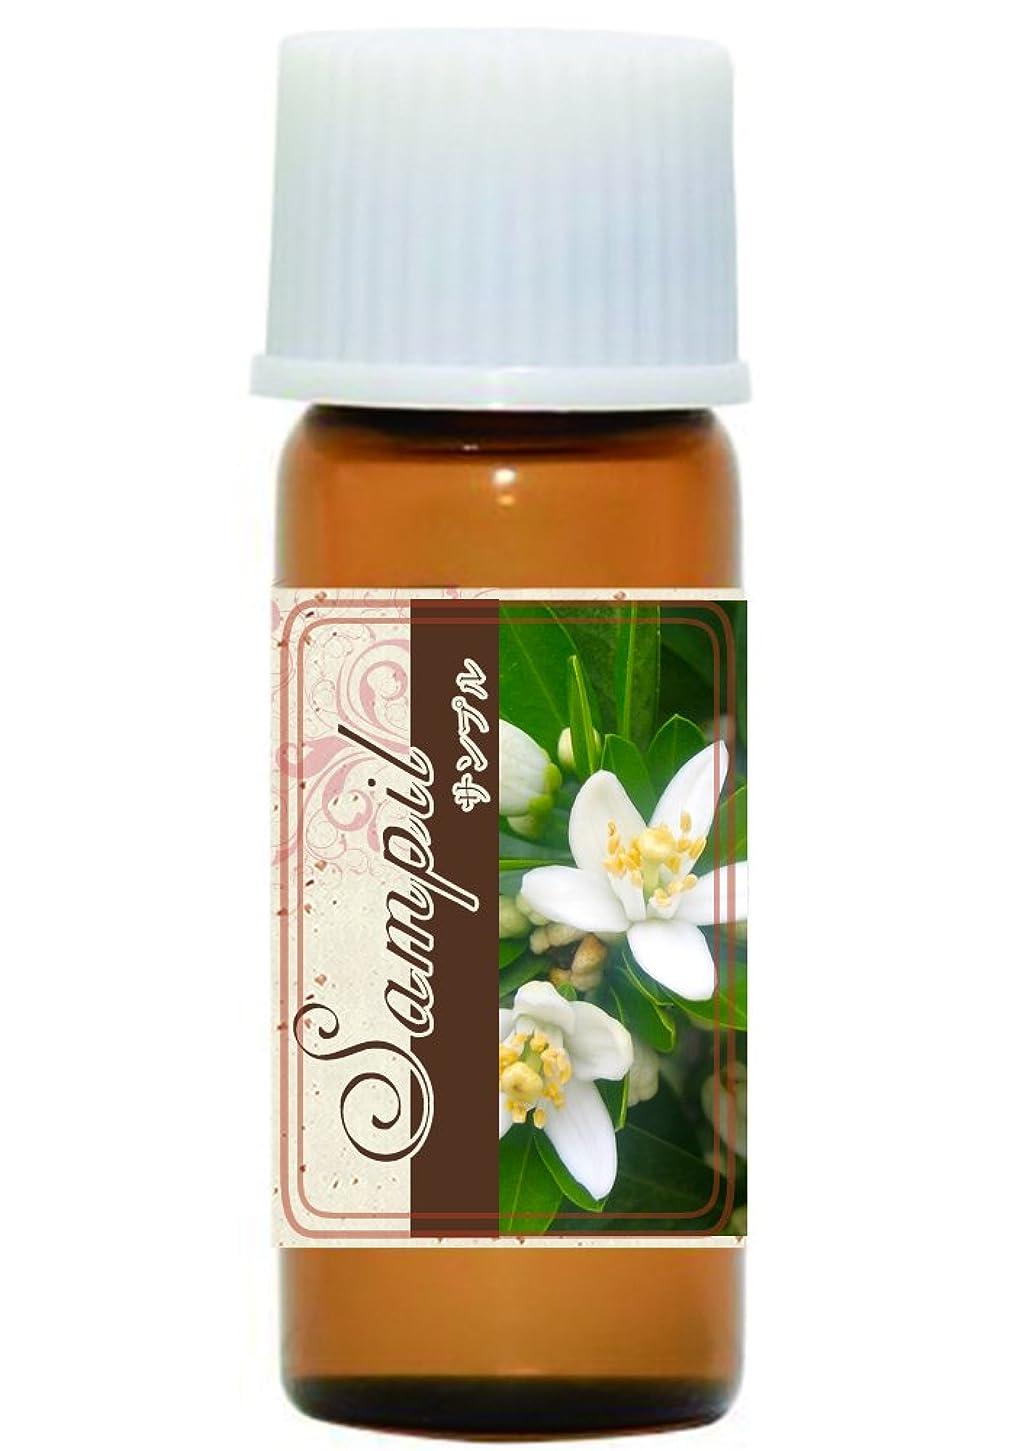 確立理容室チロ【お試しサンプル】 ネロリ(ビターオレンジ花の精油) 0.3ml 100% エッセンシャルオイル アロマオイル